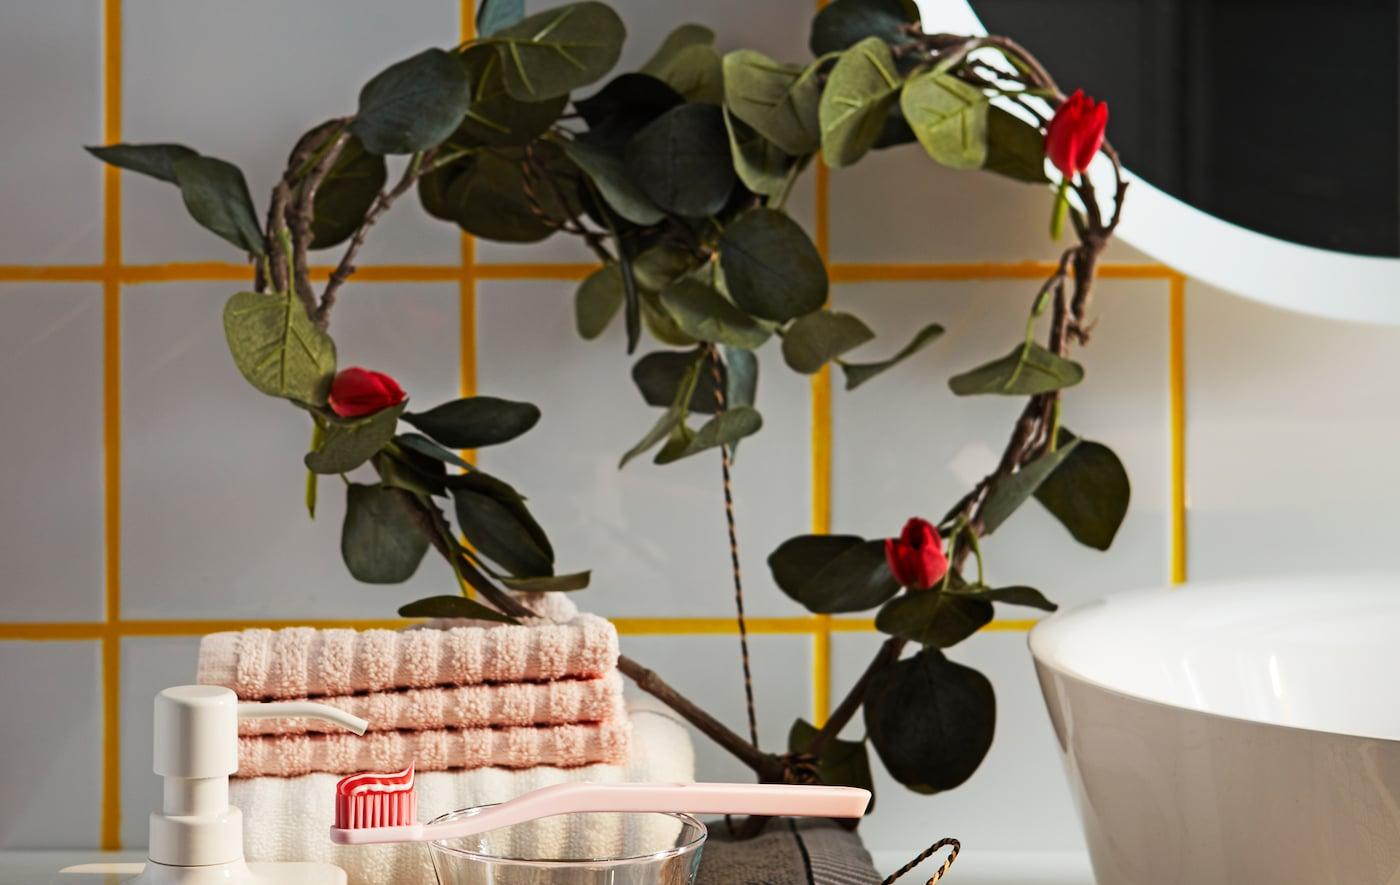 Des branches de feuilles artificielles d'eucalyptus vert IKEA SMYCKA en forme de cœur décorent une étagère de salle de bain.